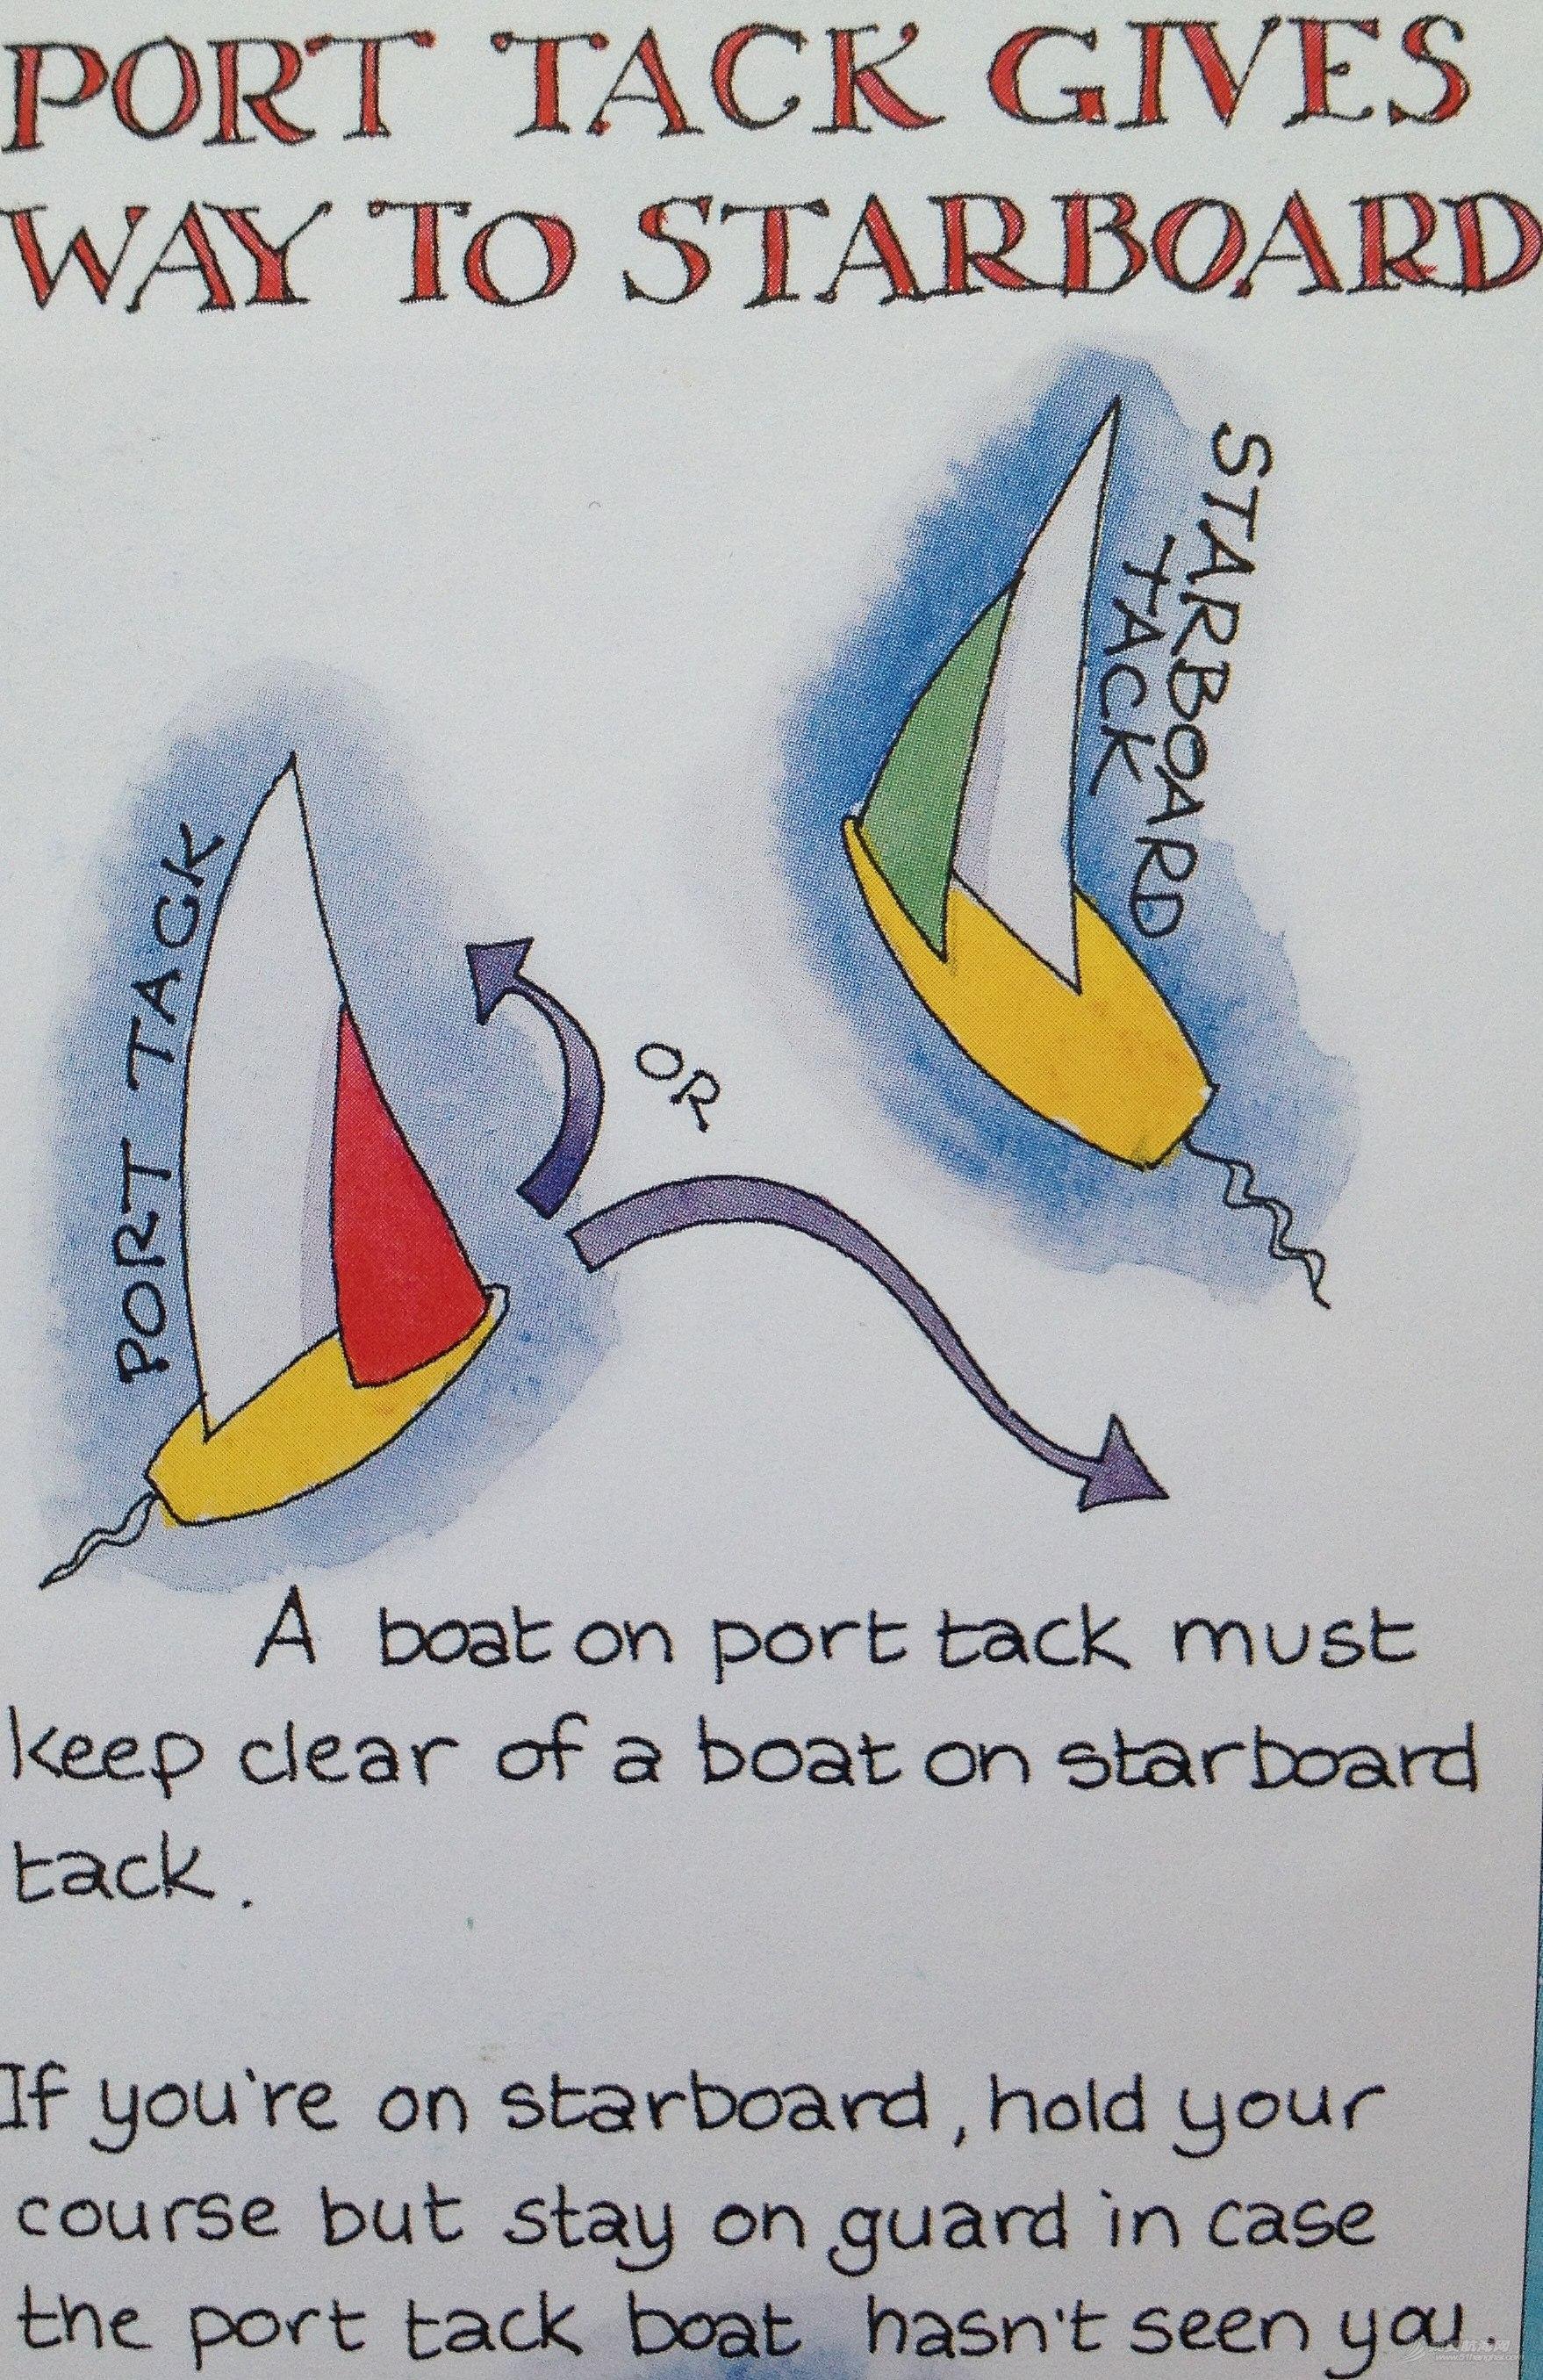 规则10左让右:左右相对舷风是最常碰到的两船相遇情节。